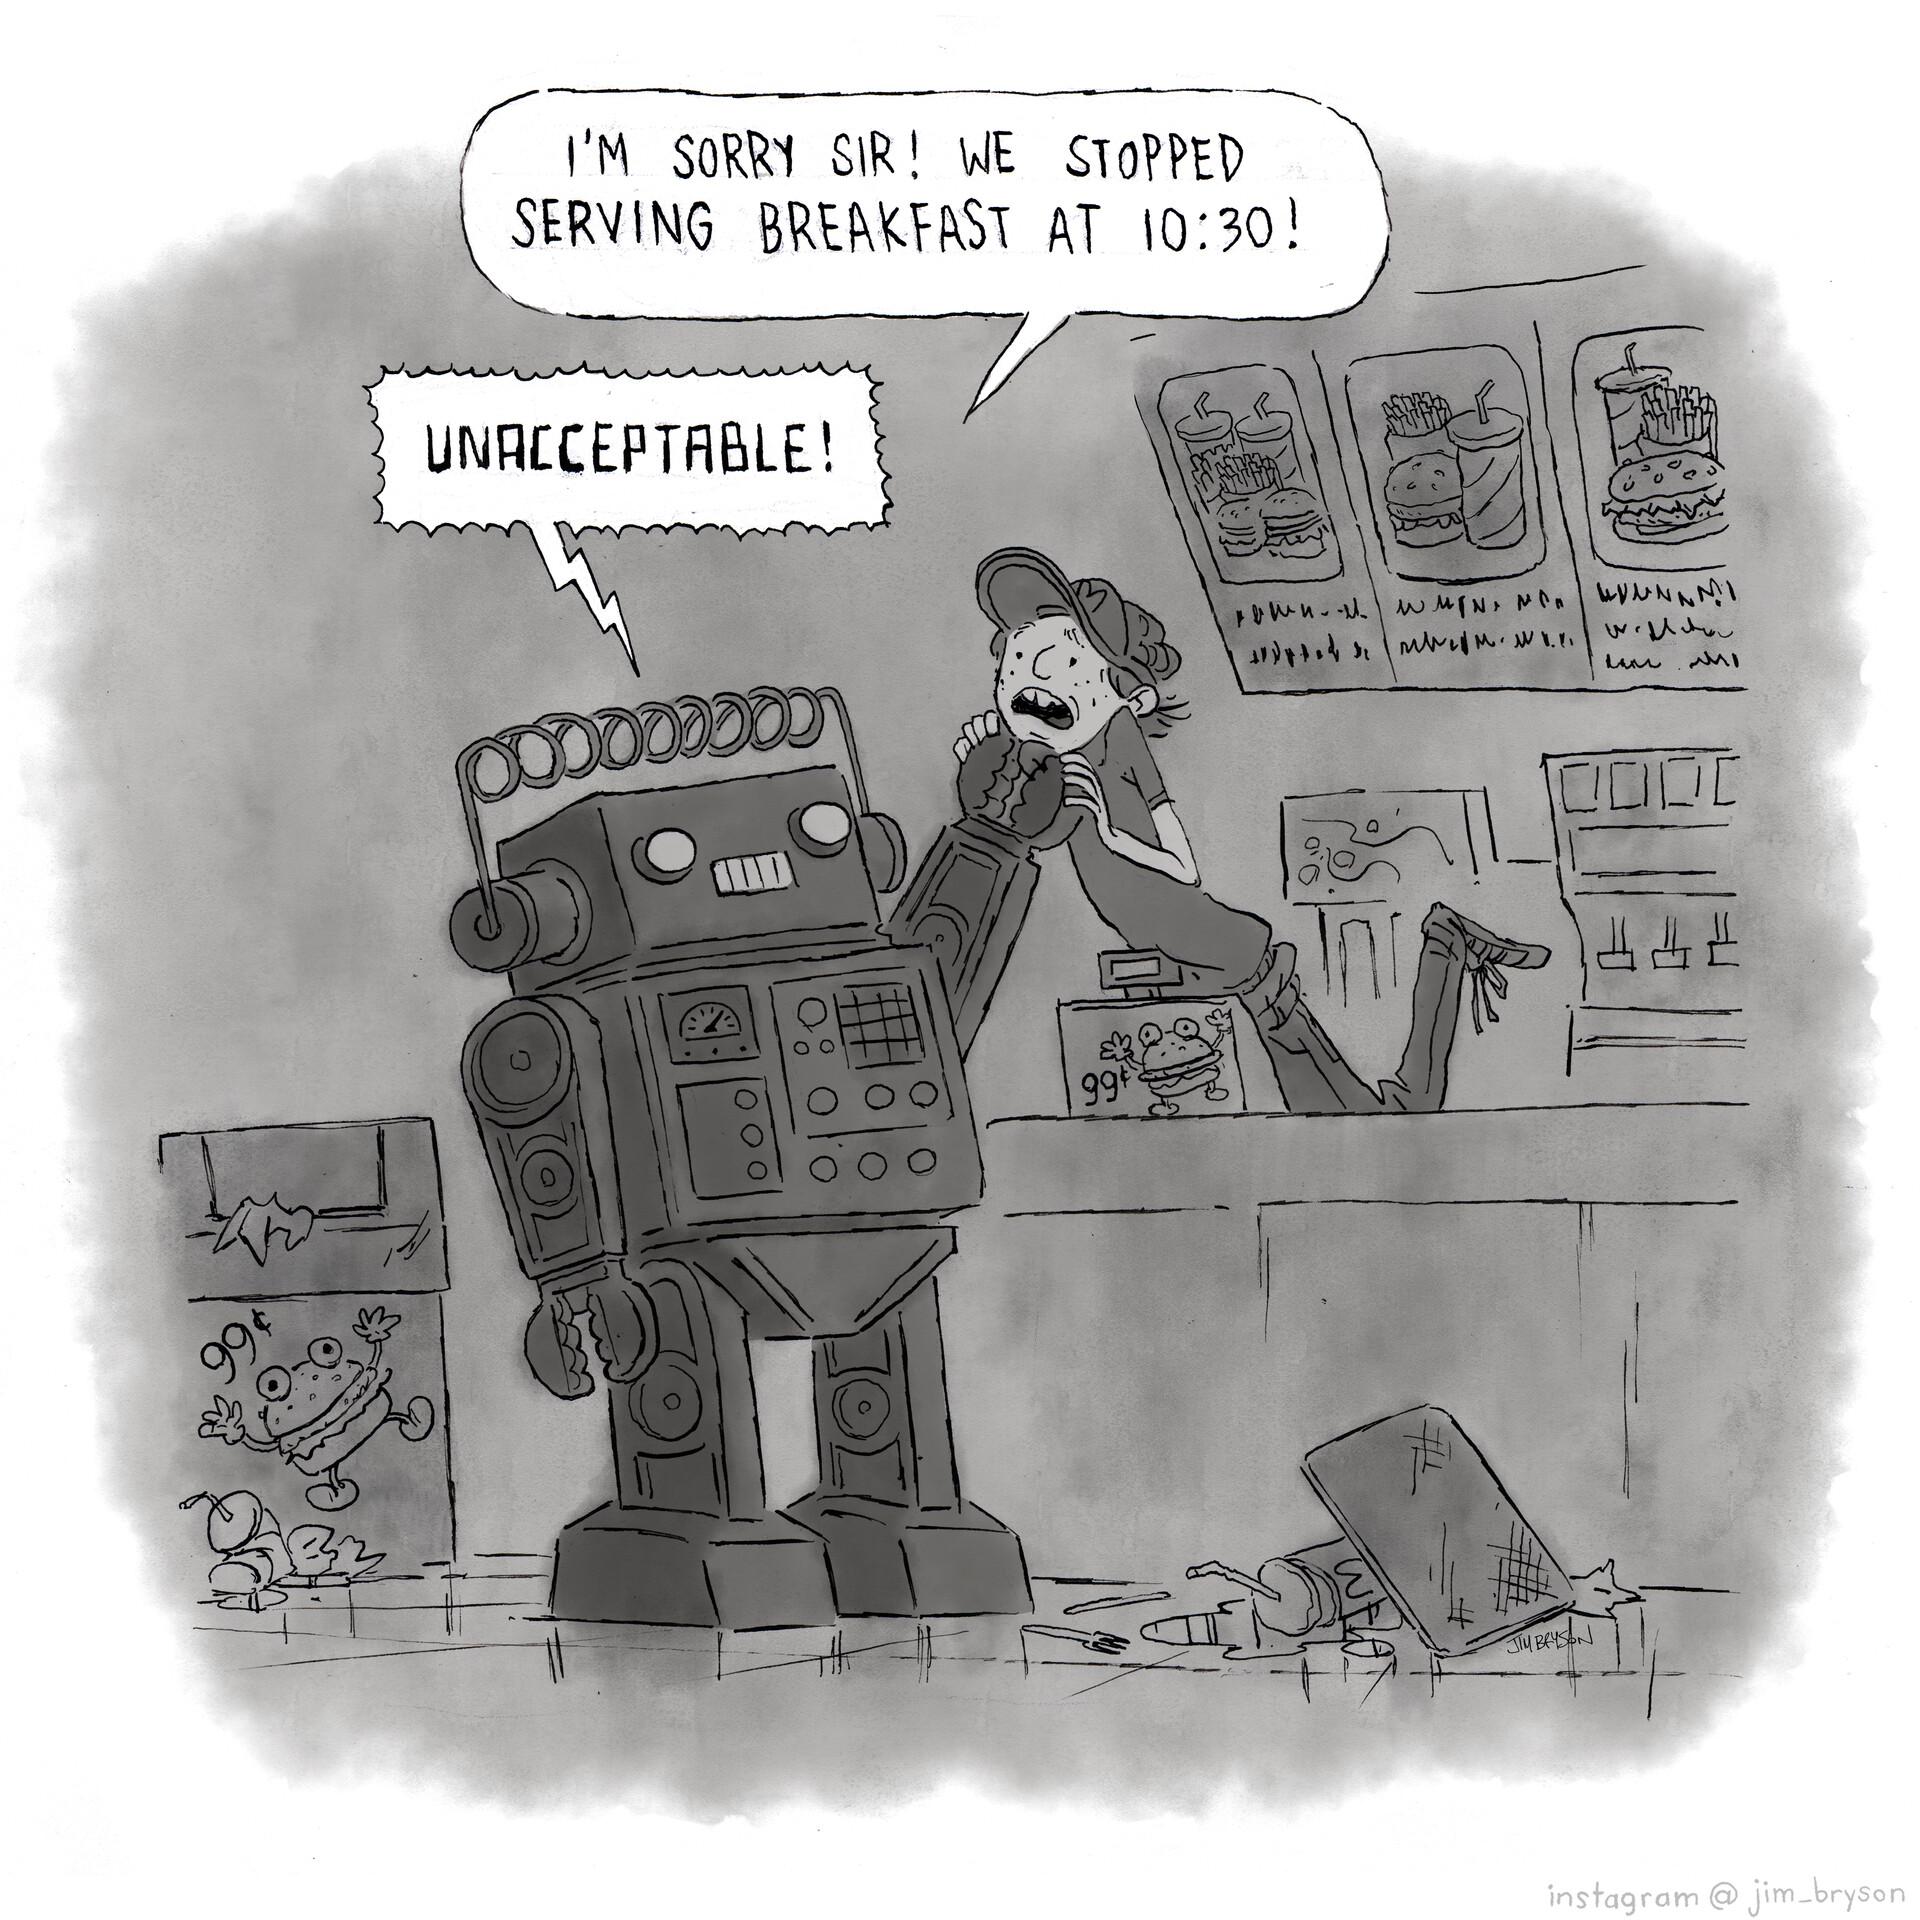 Jim bryson angryrobot 01small